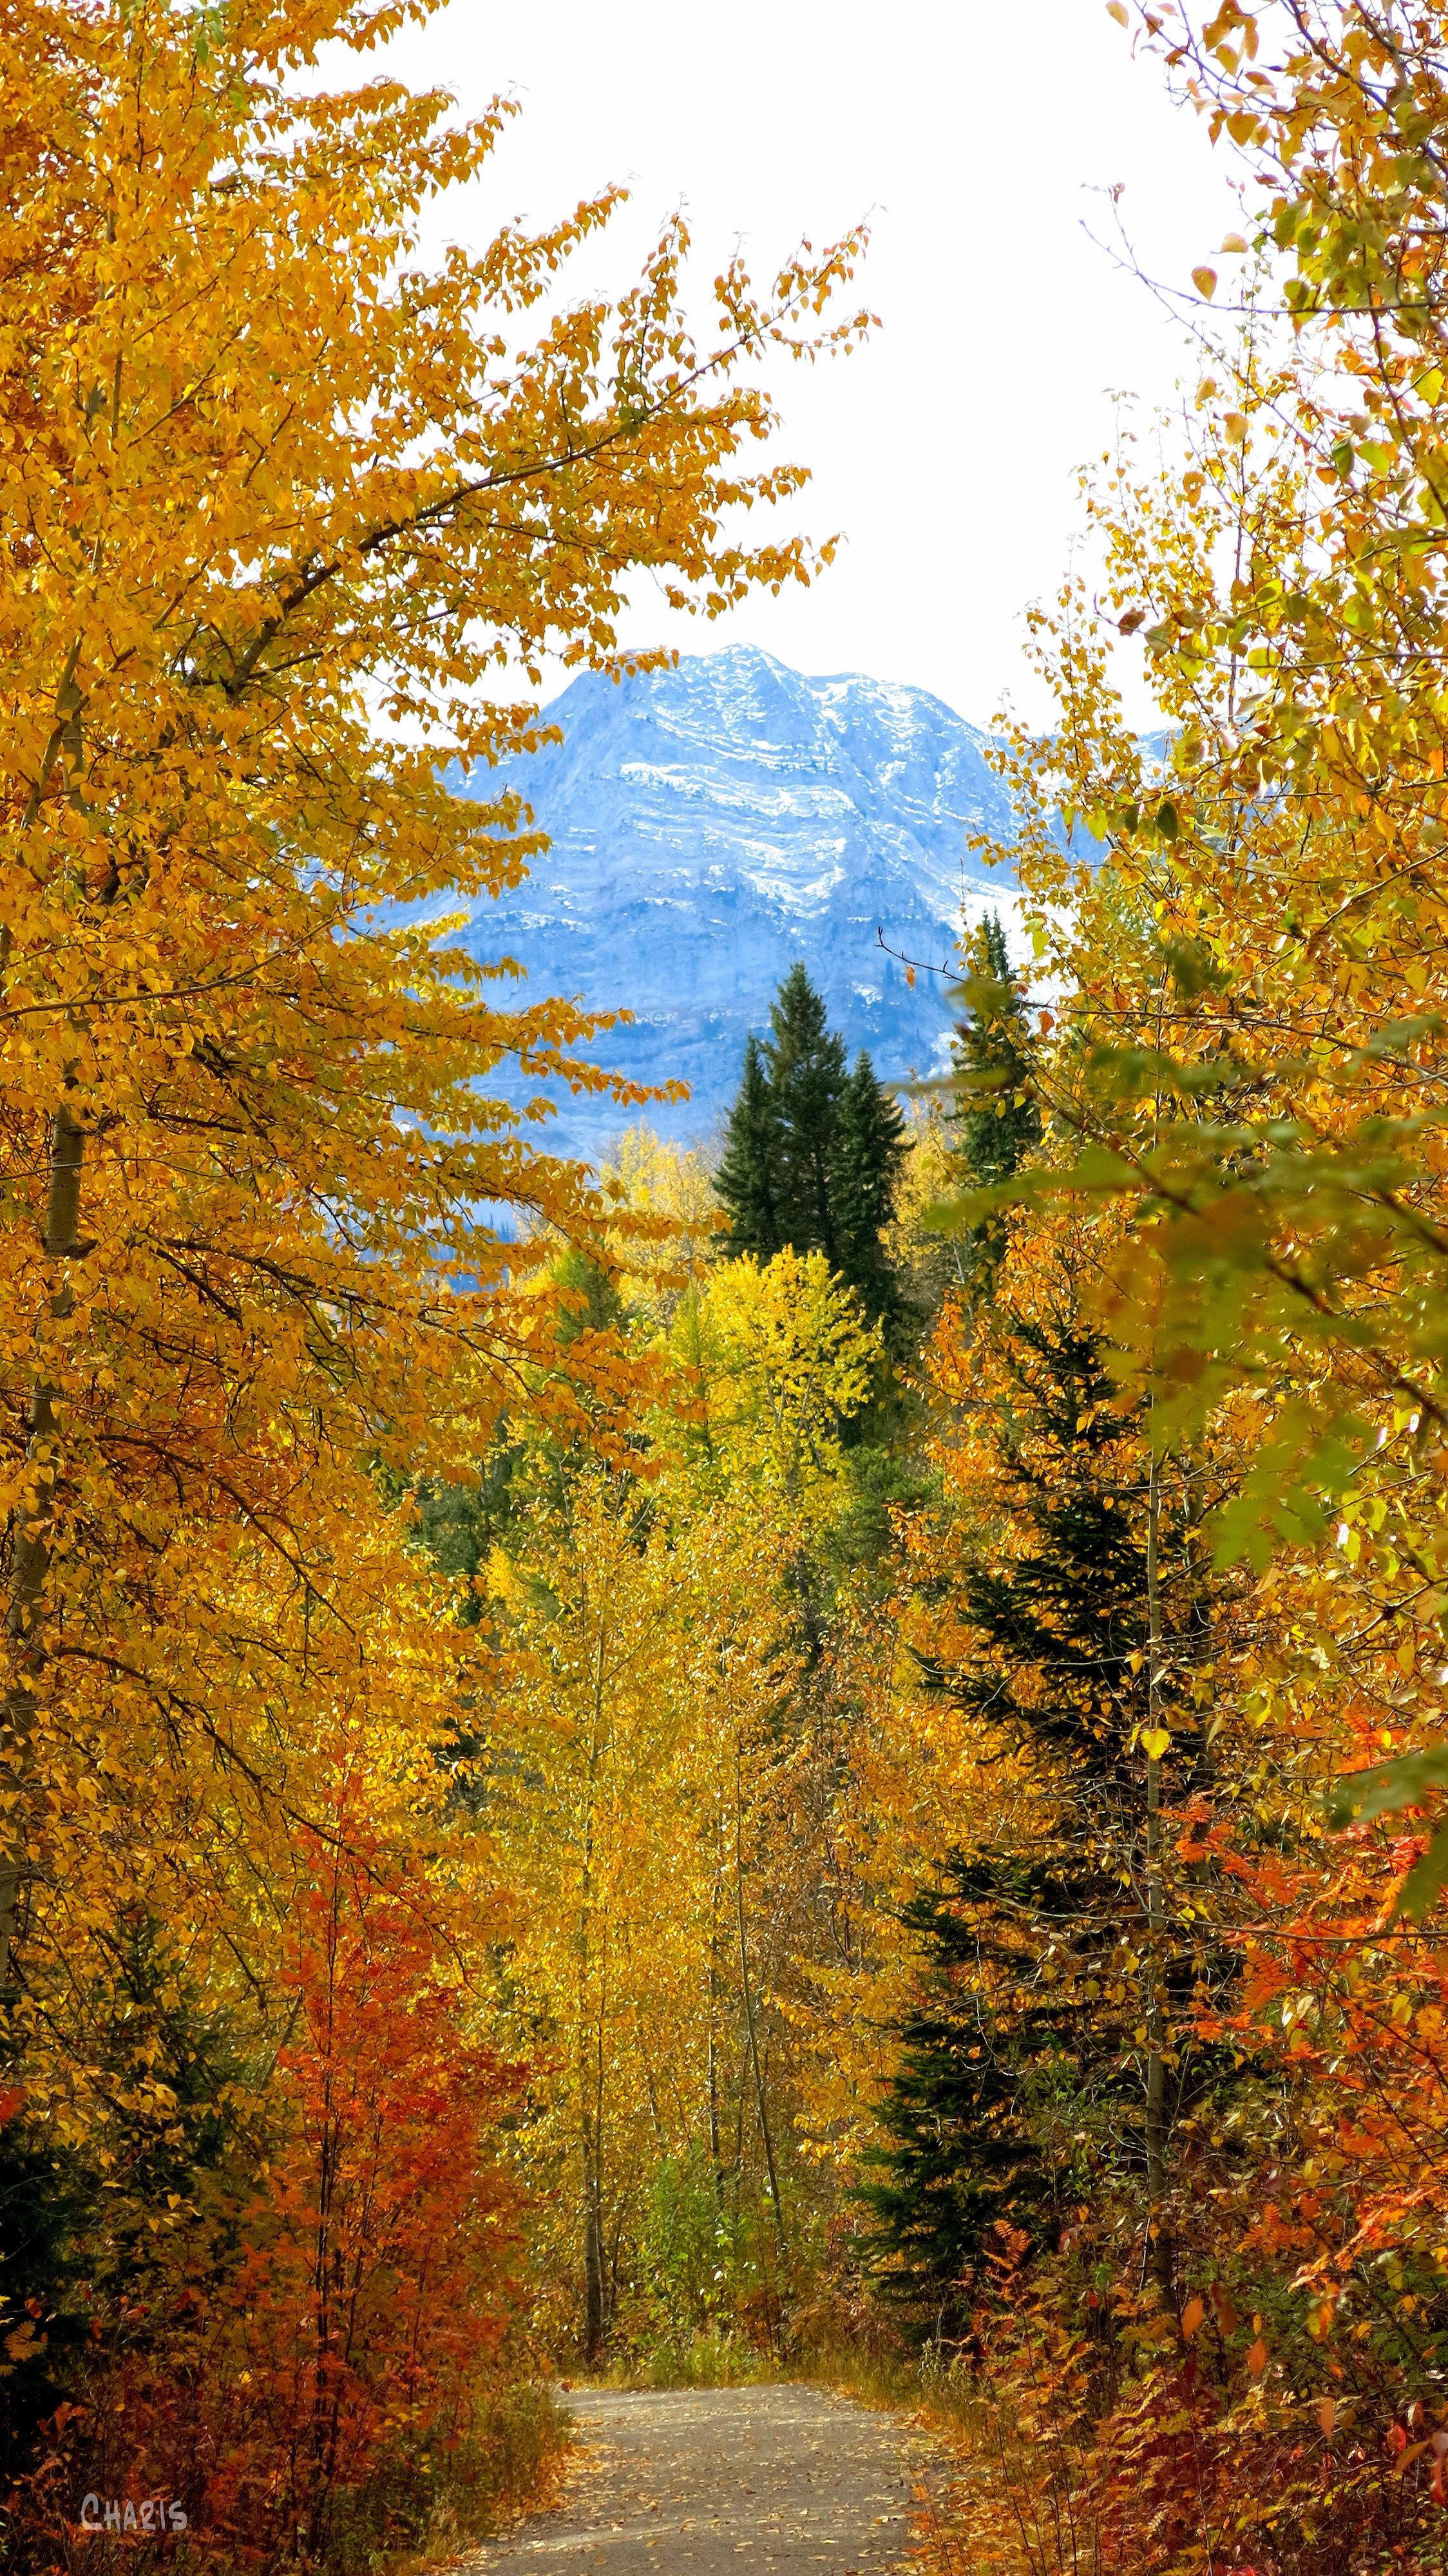 autumn fernie path trail mountain ch rs colour gold IMG_1322